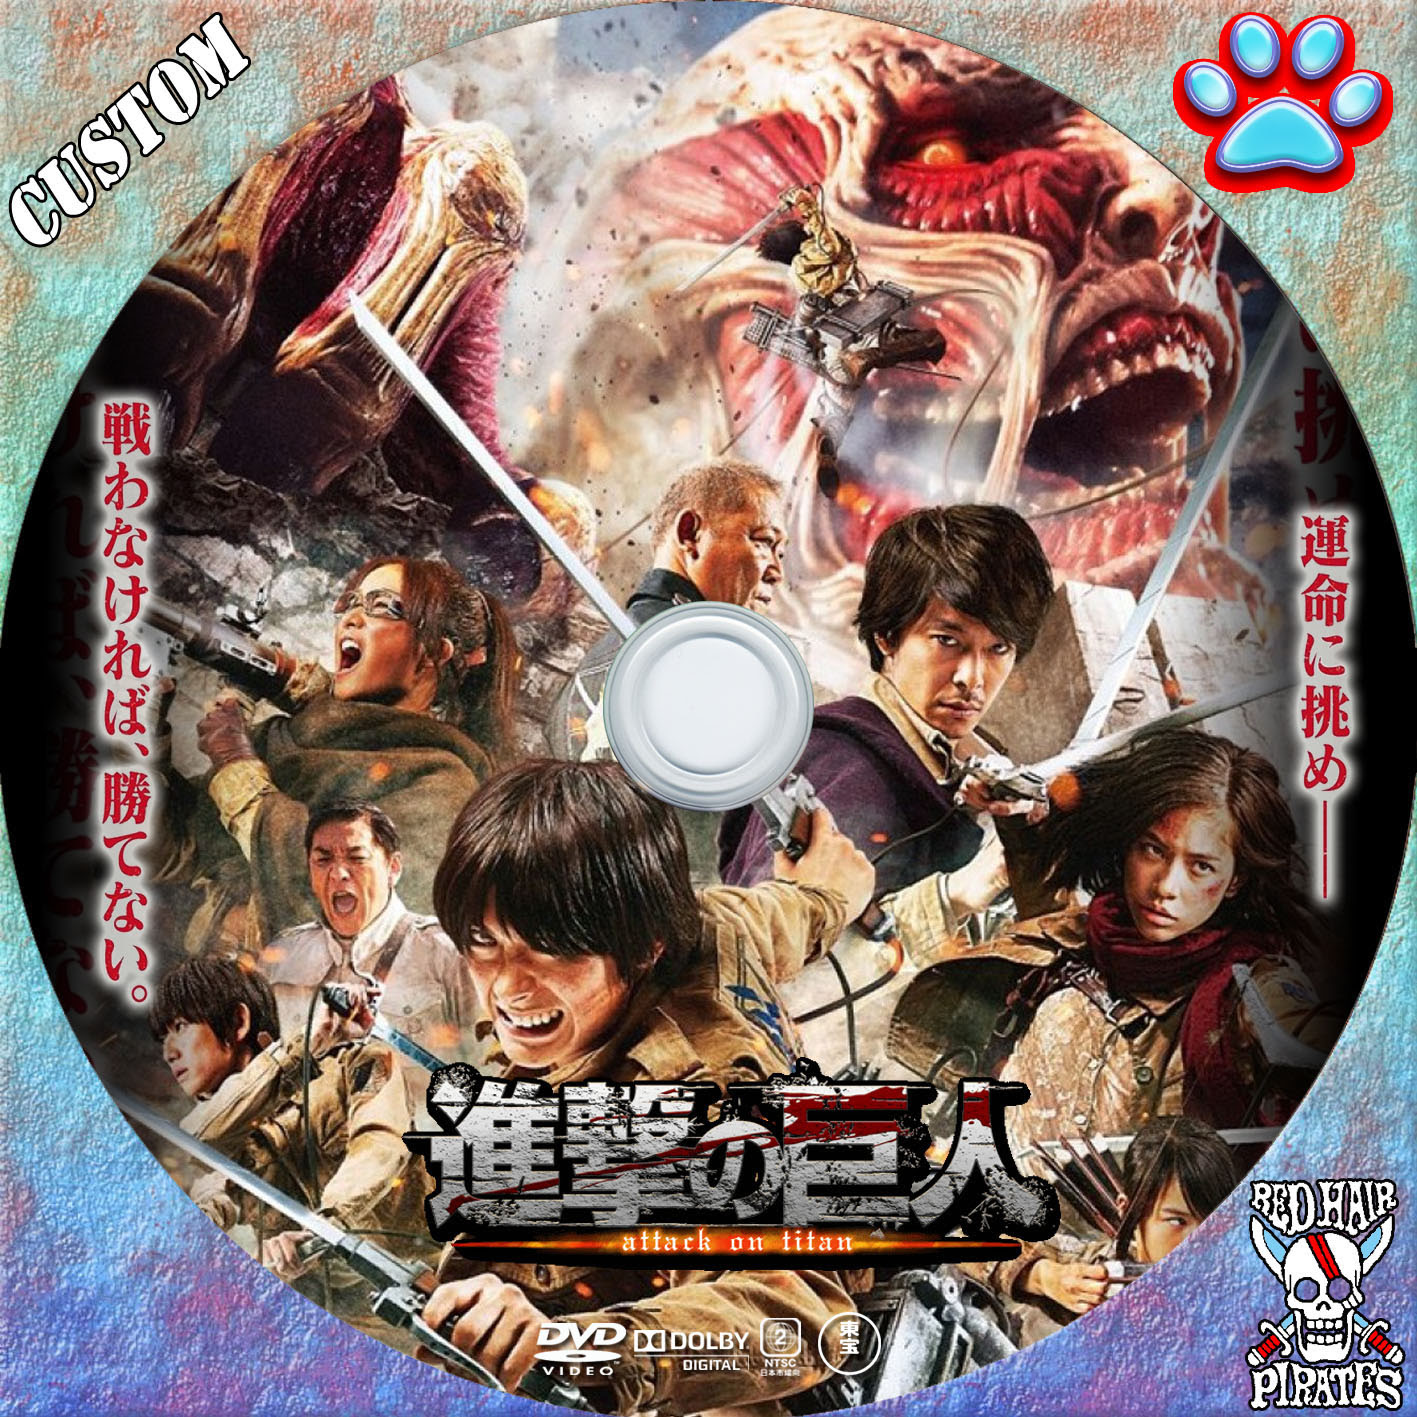 エレガント進撃の巨人 アニメ 映画 Dvd 最高のアニメ画像